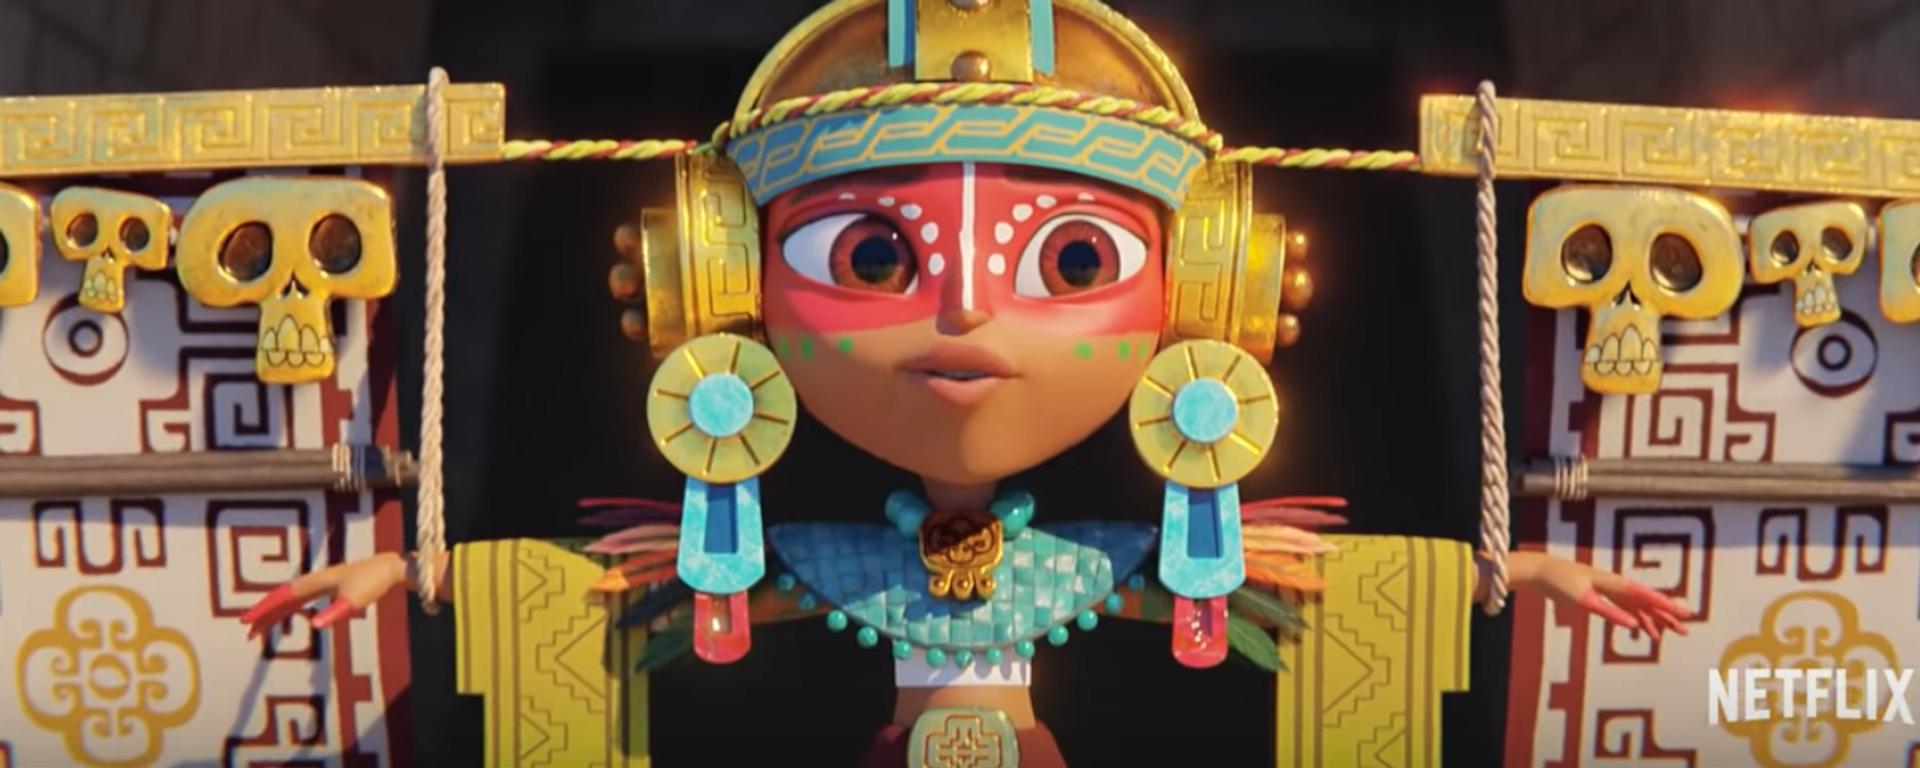 La guerrera Maya, la protagonista de la serie de Netflix 'Maya y los tres' - Sputnik Mundo, 1920, 26.08.2021